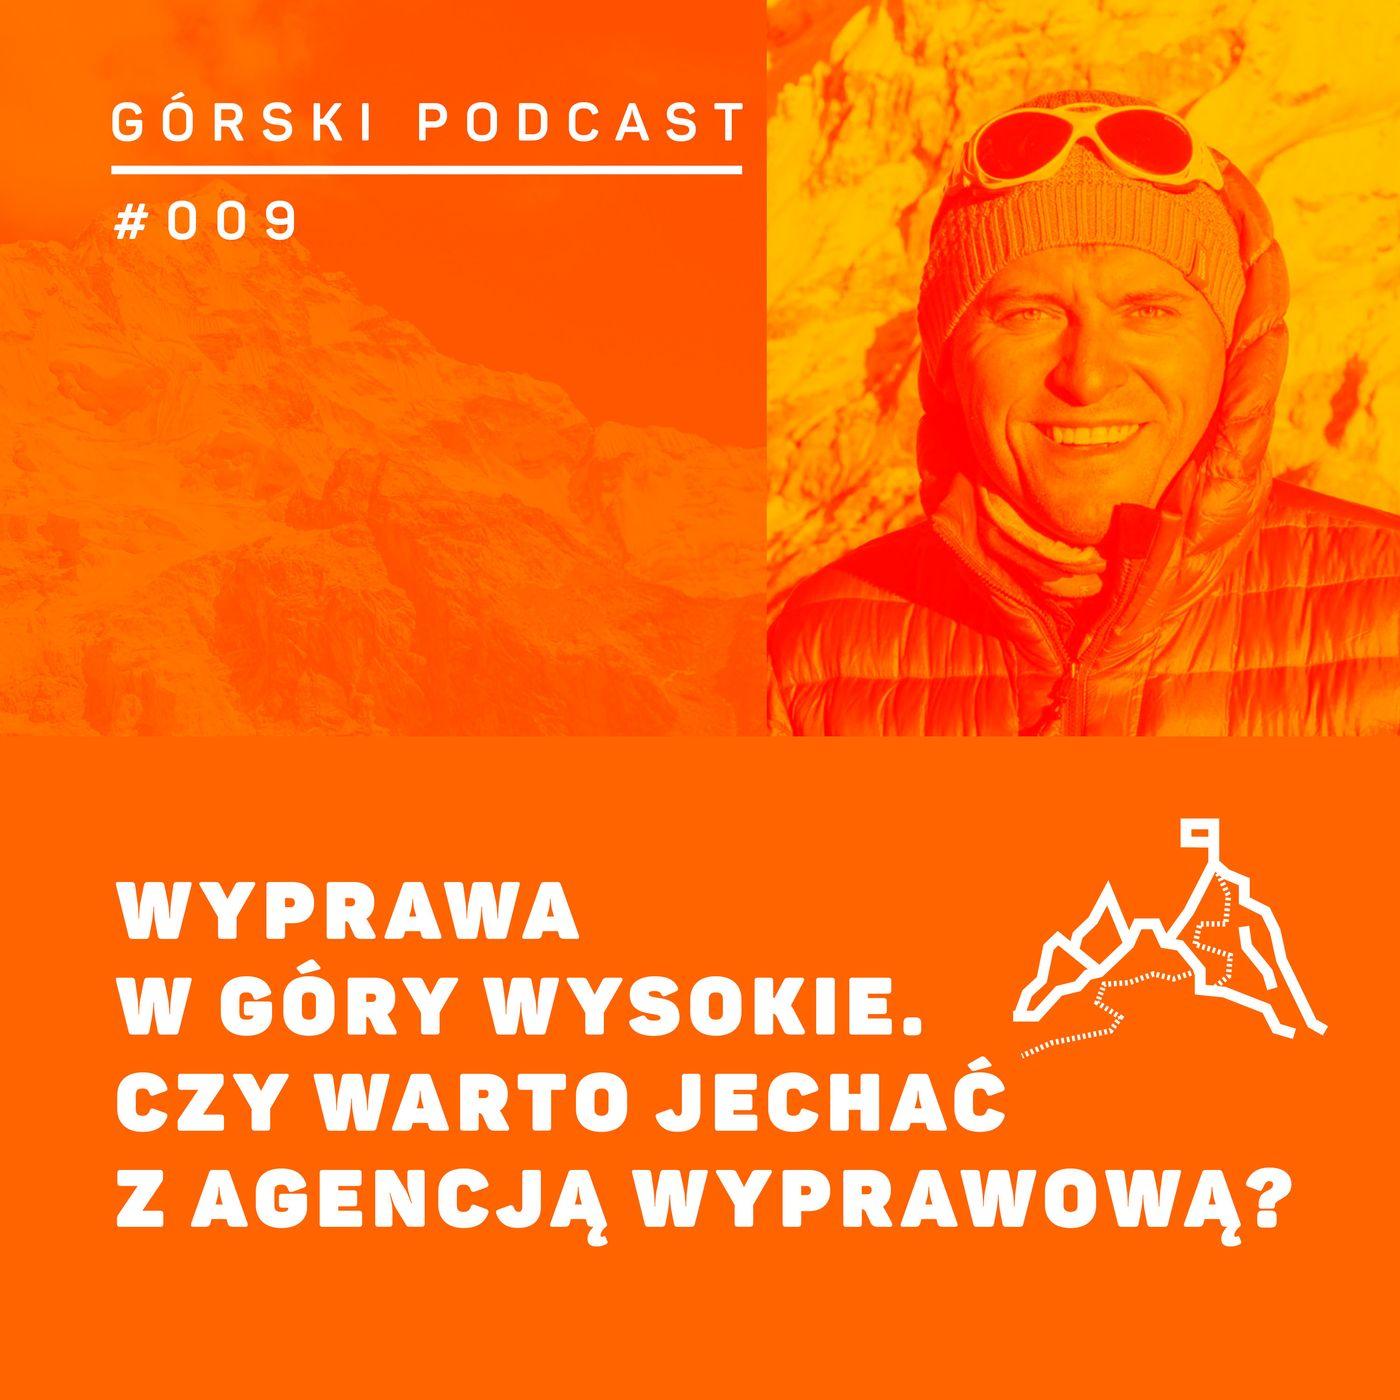 #009 8a.pl - Tomasz Kobielski - Wyprawa w góry wysokie. Czy warto jechać z agencją wyprawową?